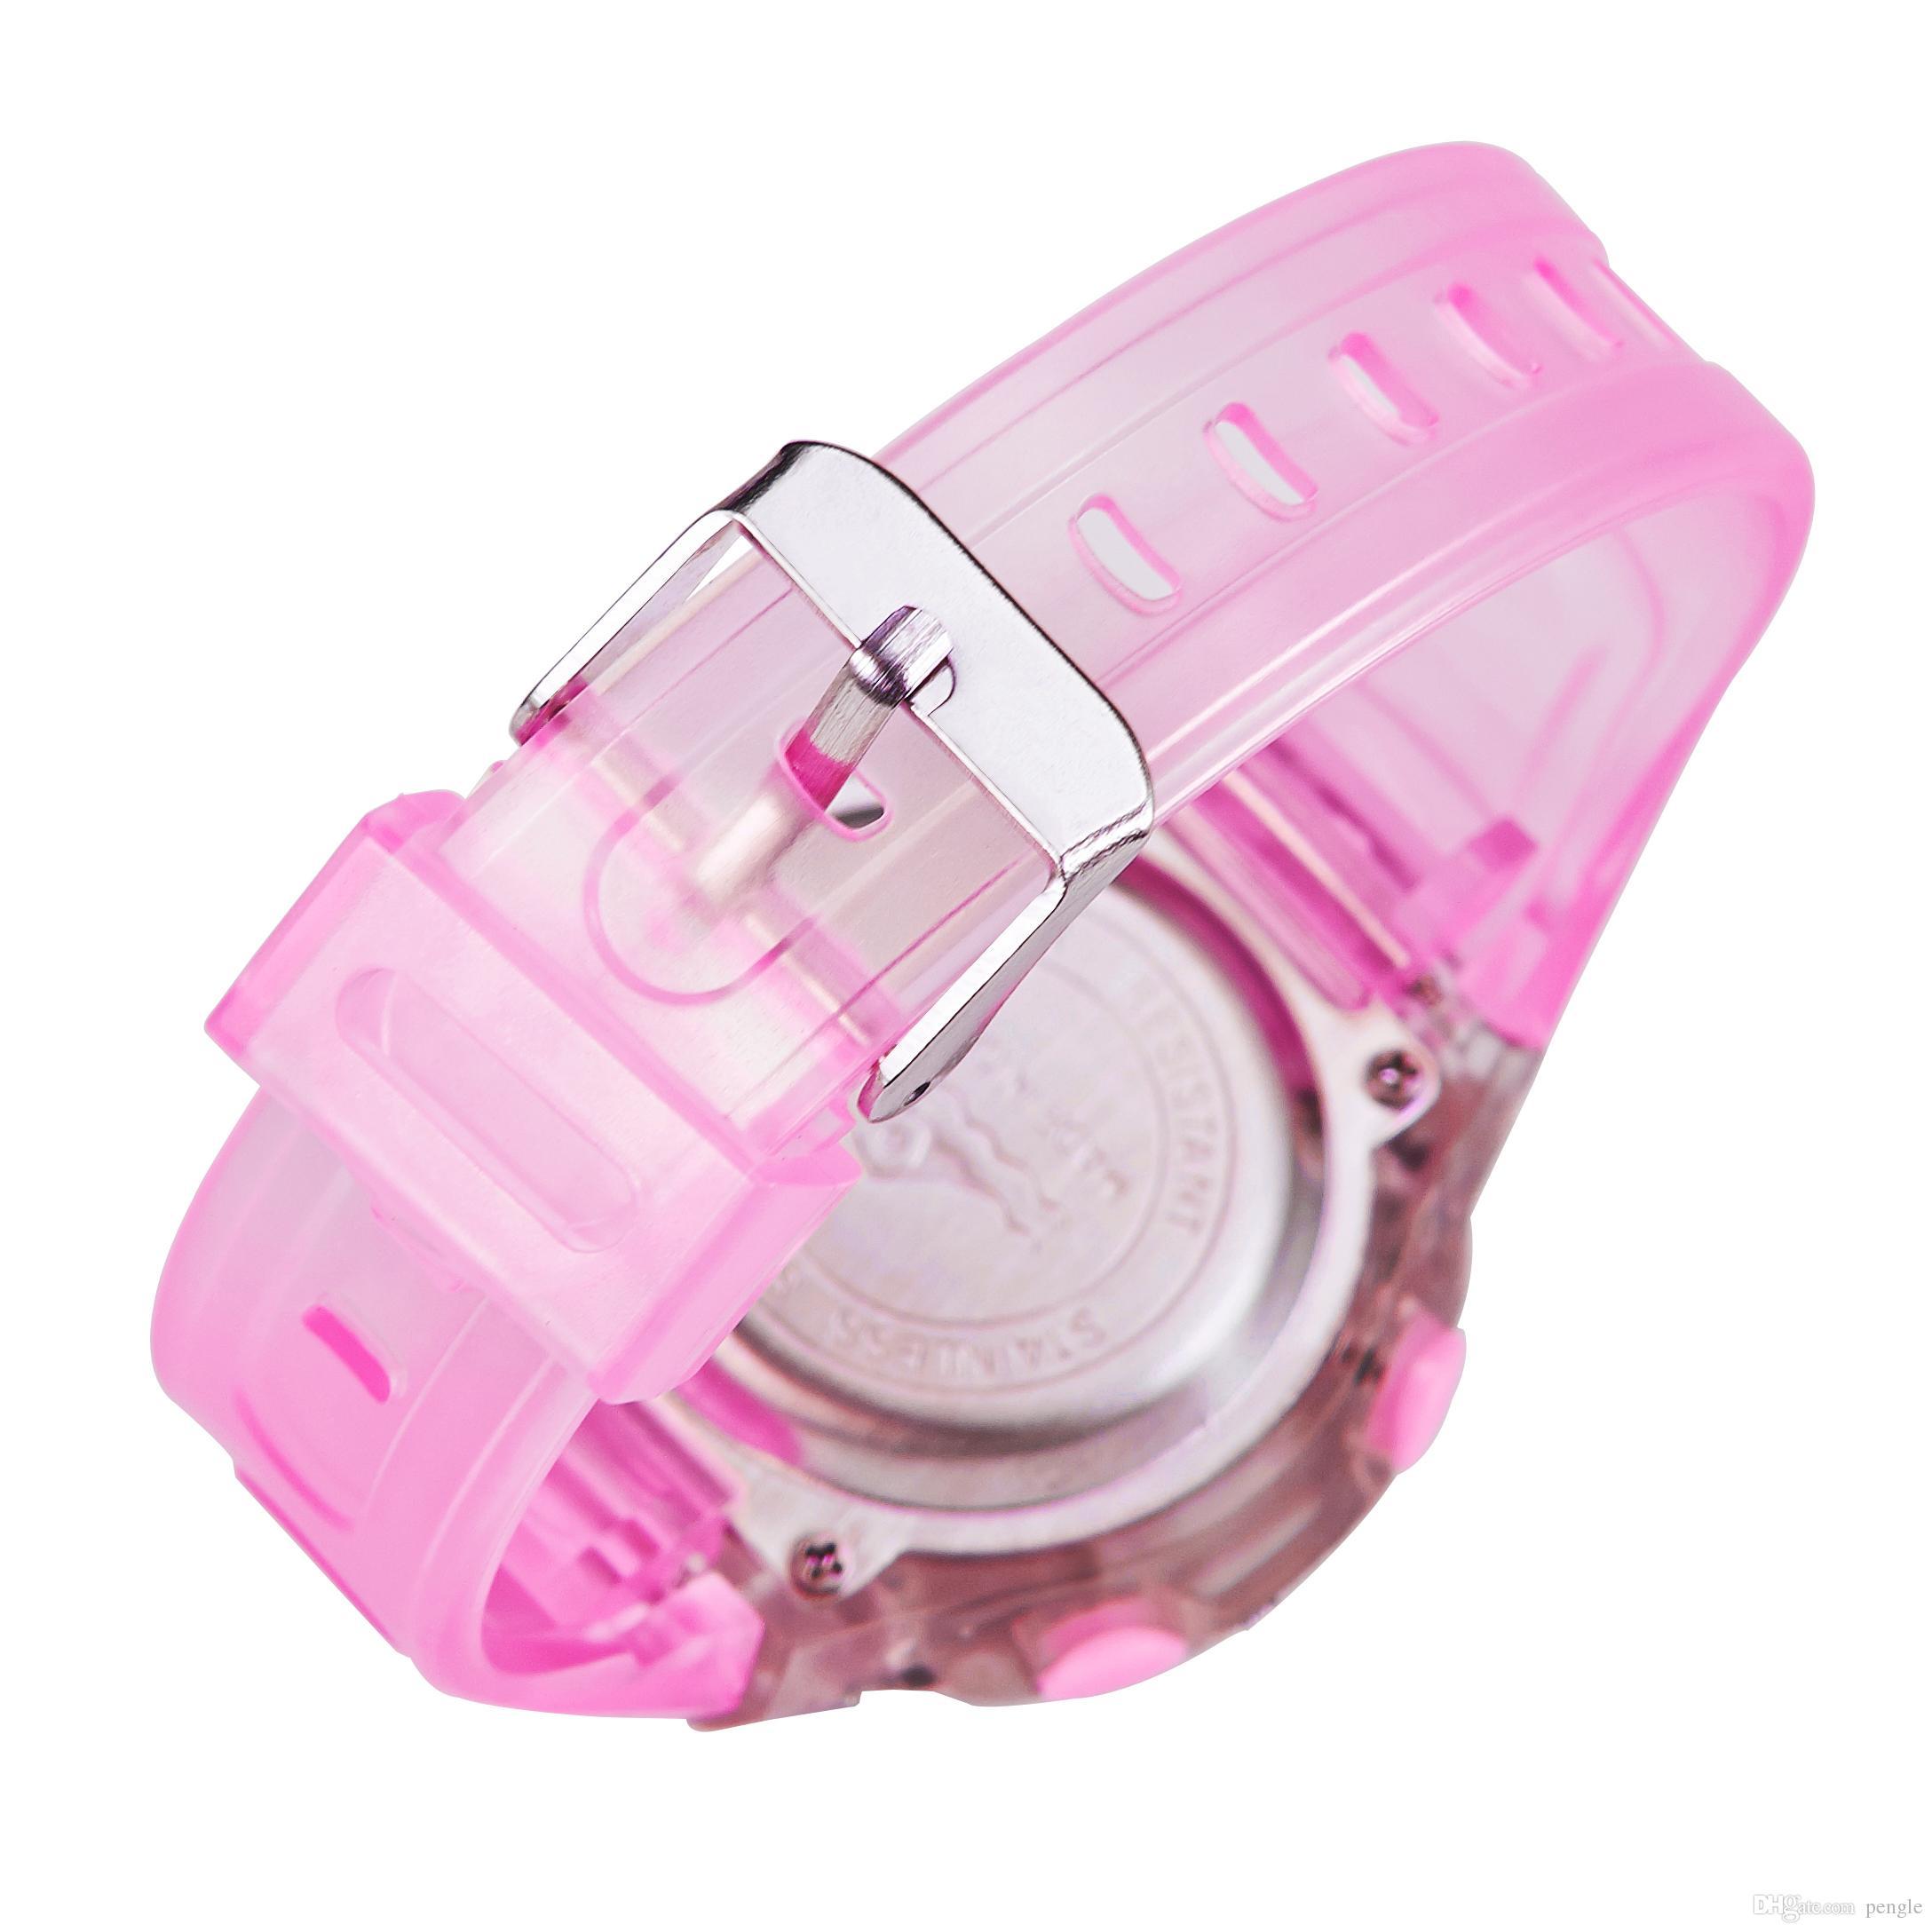 Vendita calda casual digitale sport bambini orologi elettronici PU cinturino in plastica impermeabile orologio da polso bambini regali di natale 99329